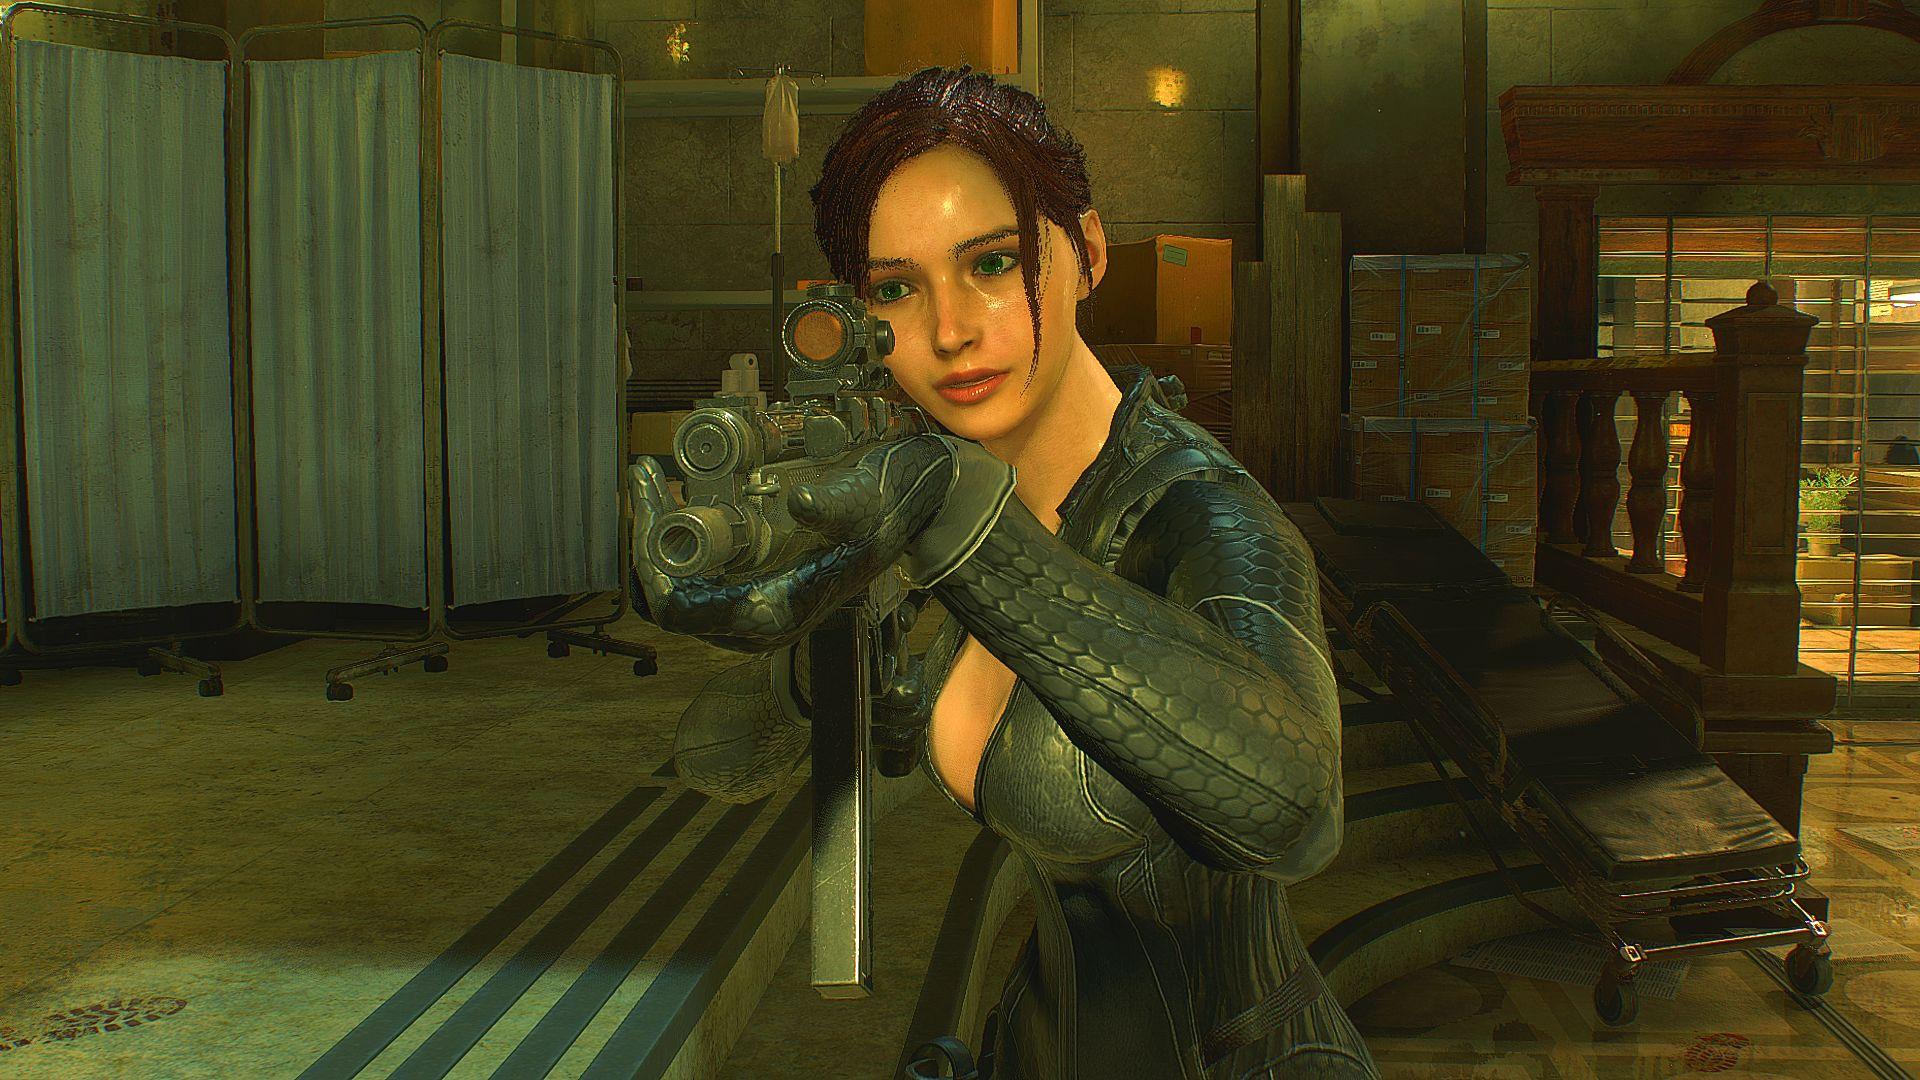 001321.Jpg - Resident Evil 2